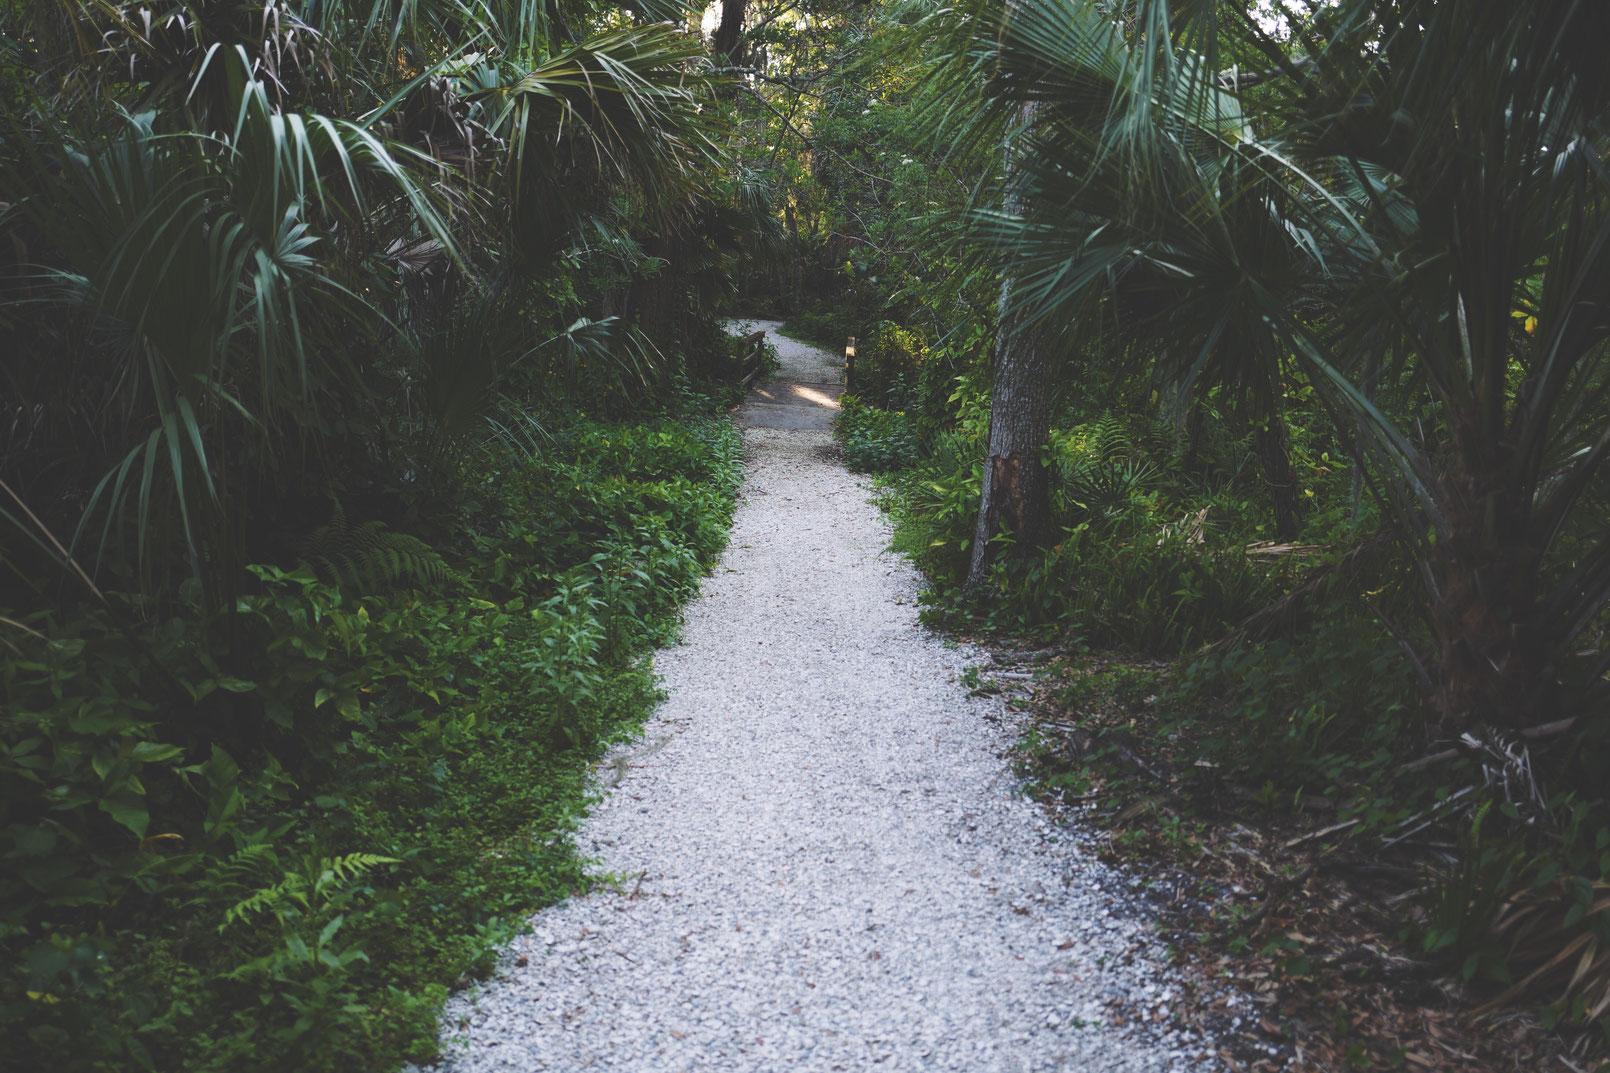 Zimmerpflanzen Dünger - Dünger ist nicht gleich Dünger. Denn so vielfältig wie deine Pflanzen und ihre Bedürfnisse sind, so vielfältig ist auch Zimmerpflanzen Dünger. Es gibt ihn in unterschiedlichen Formen.